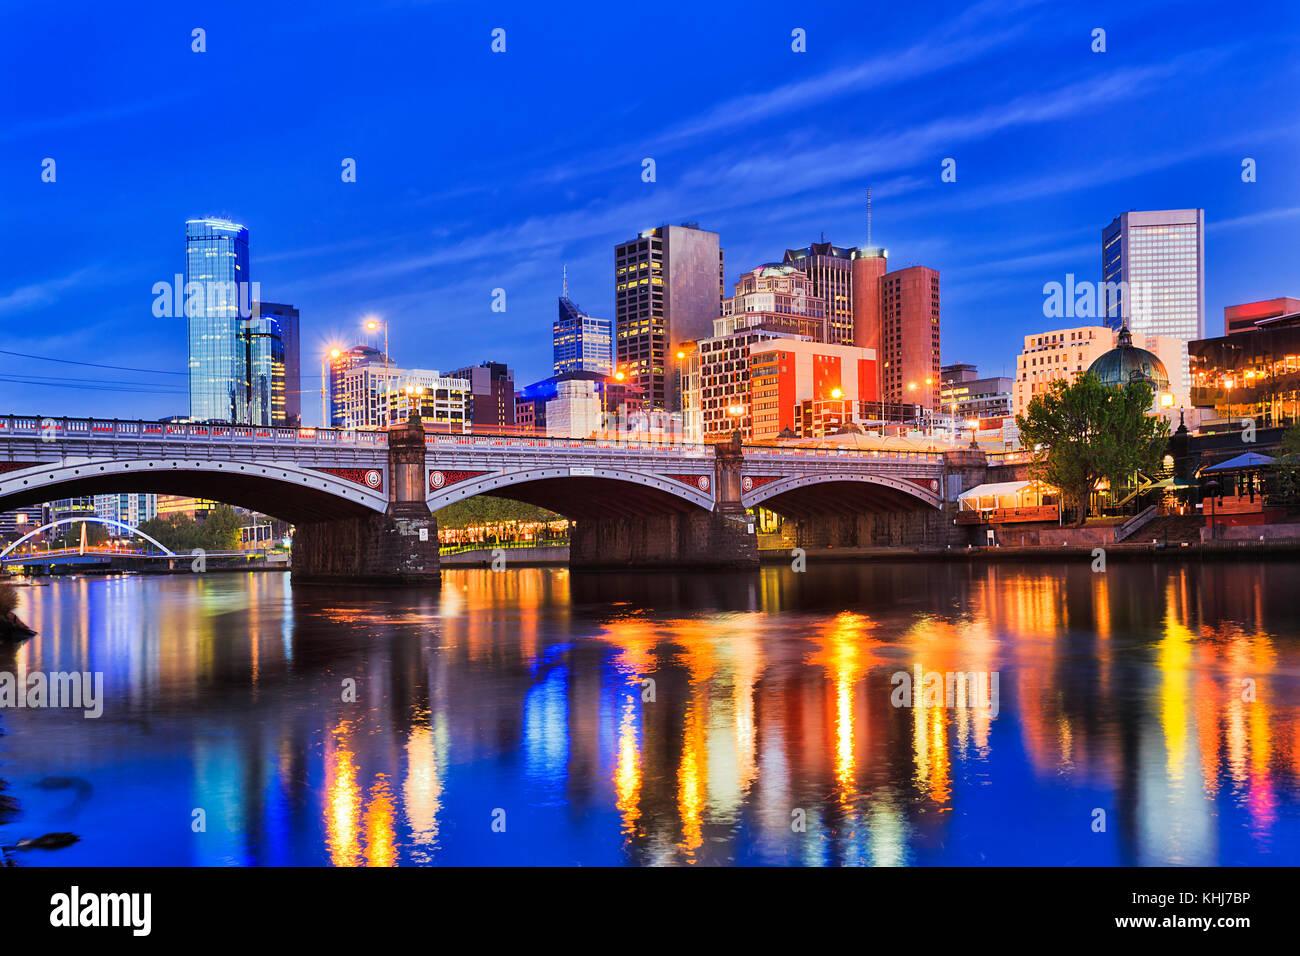 Princes bridge sur la rivière Yarra de Melbourne CBD de la ville au lever du soleil lorsque les éclairages lumineux dans l'eau trouble reflètent. Banque D'Images